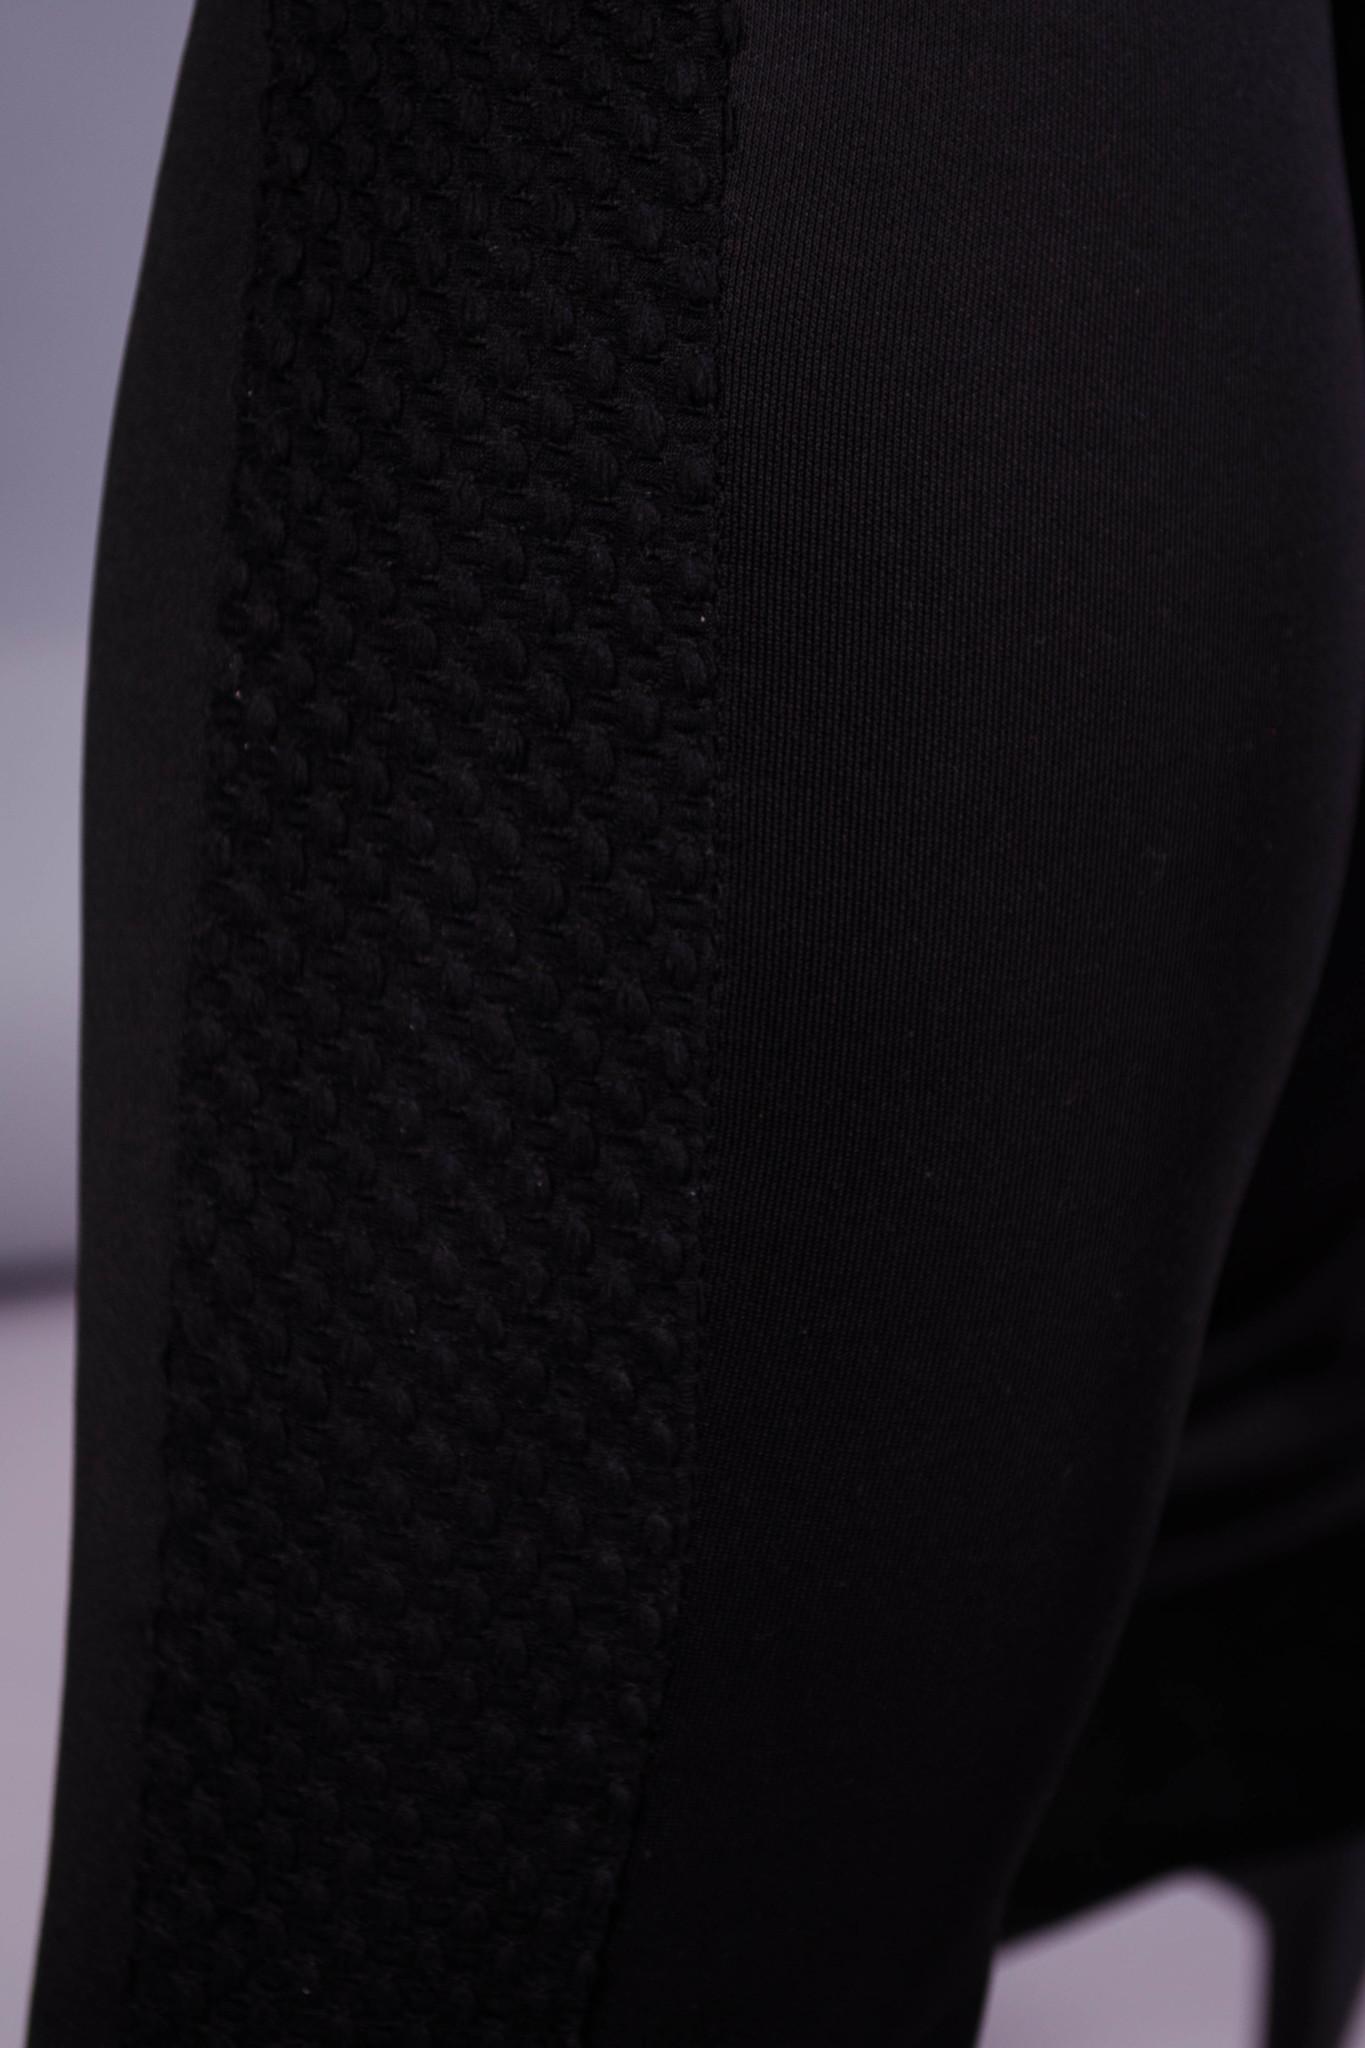 Ейра. Жіночий костюм плюс сайз. Чорний. - купить по выгодной цене ... 4833a8d11ef94